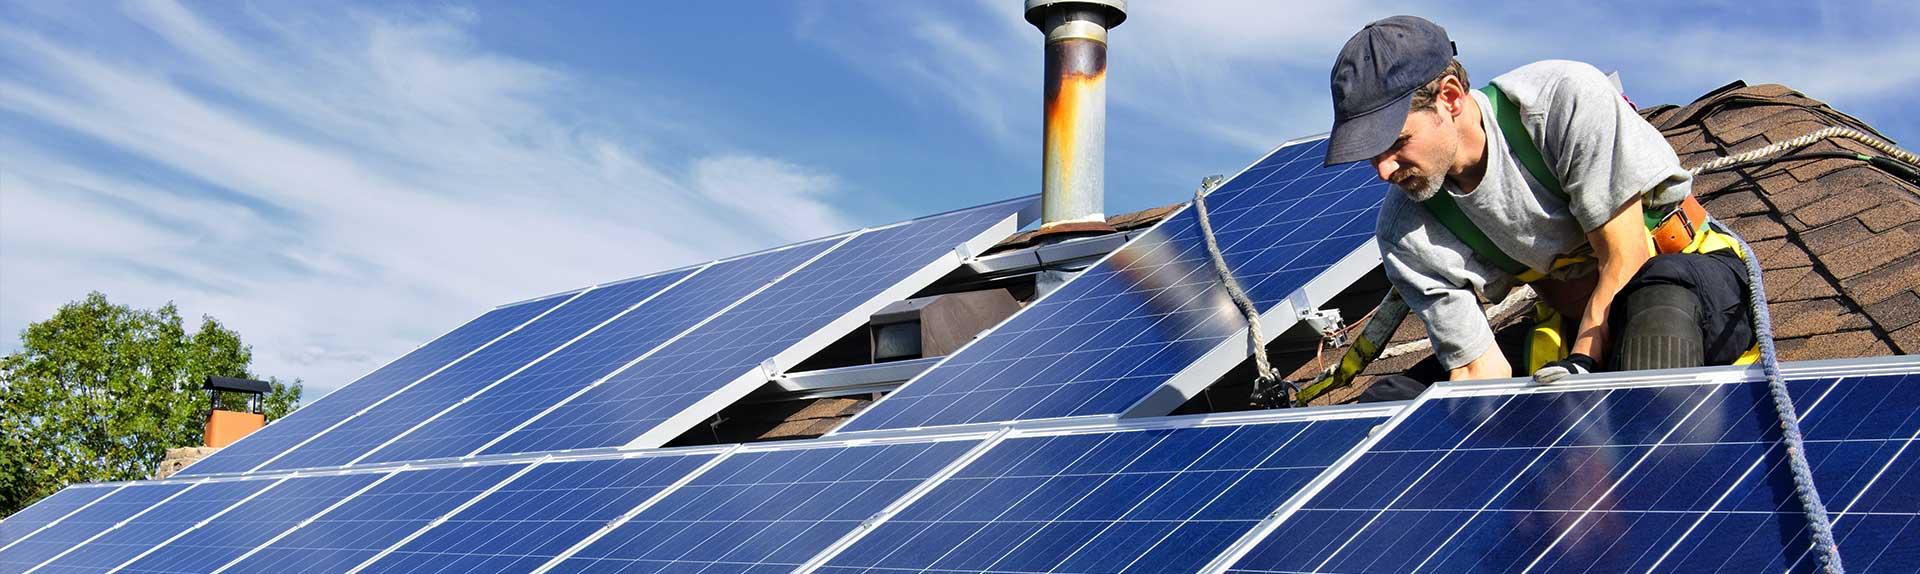 Les différentes installations solaires pour les bâtiments